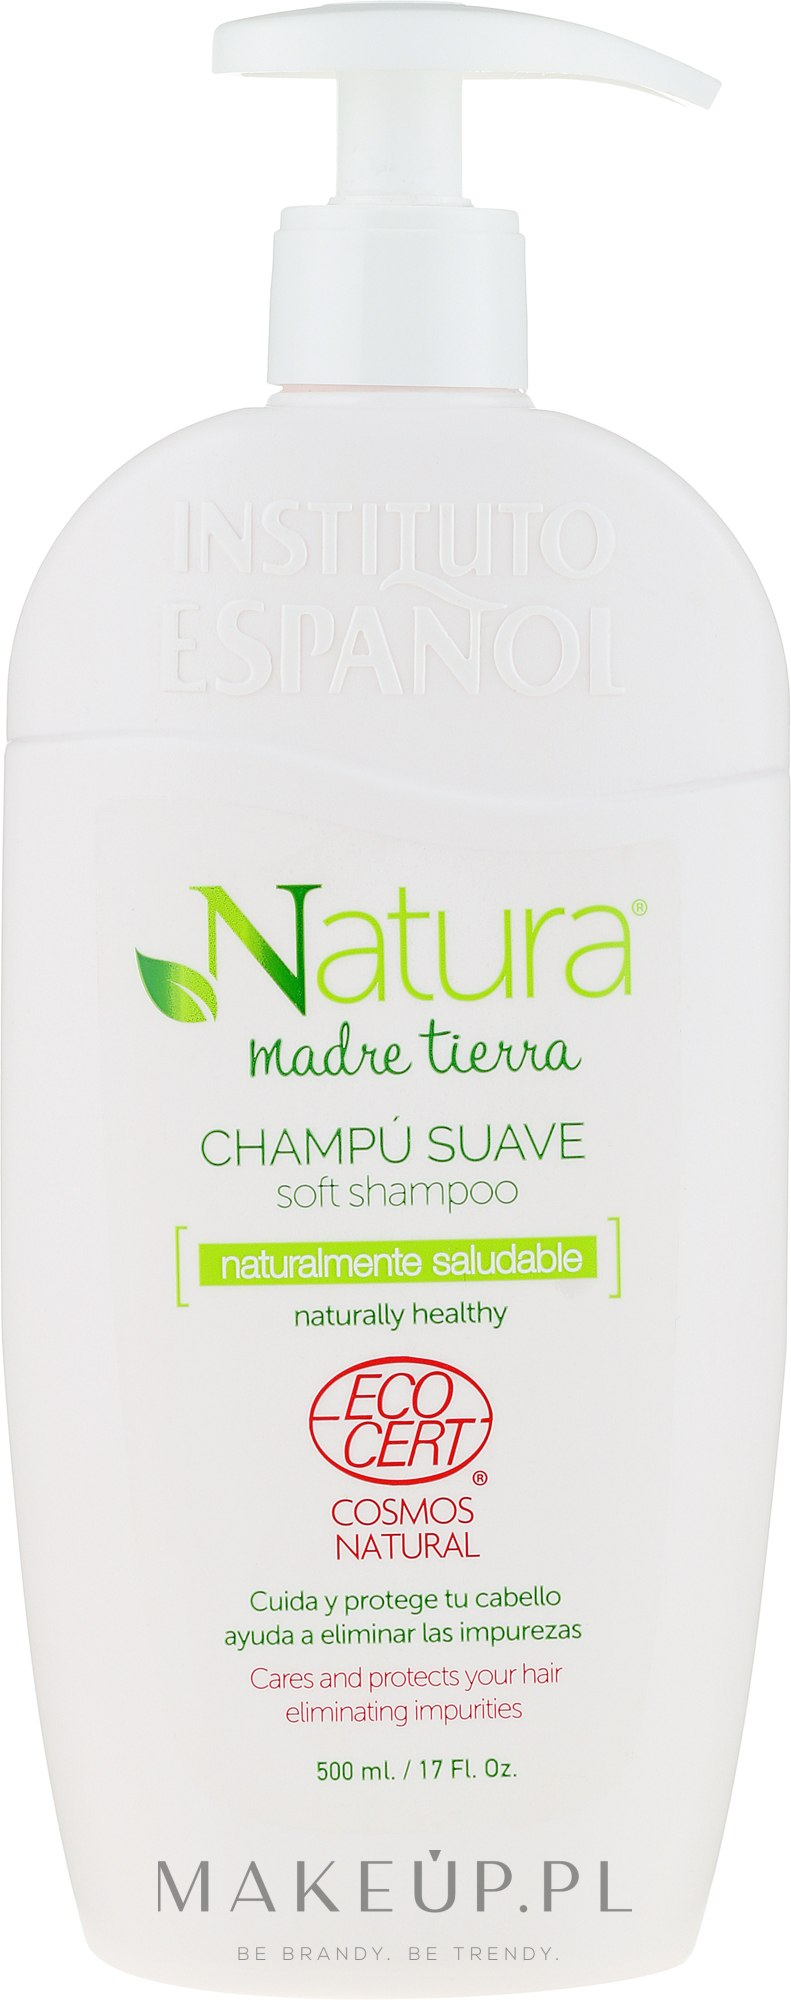 Delikatny szampon do włosów - Instituto Espanol Natura Madre Tierra Soft Shampoo — фото 500 ml